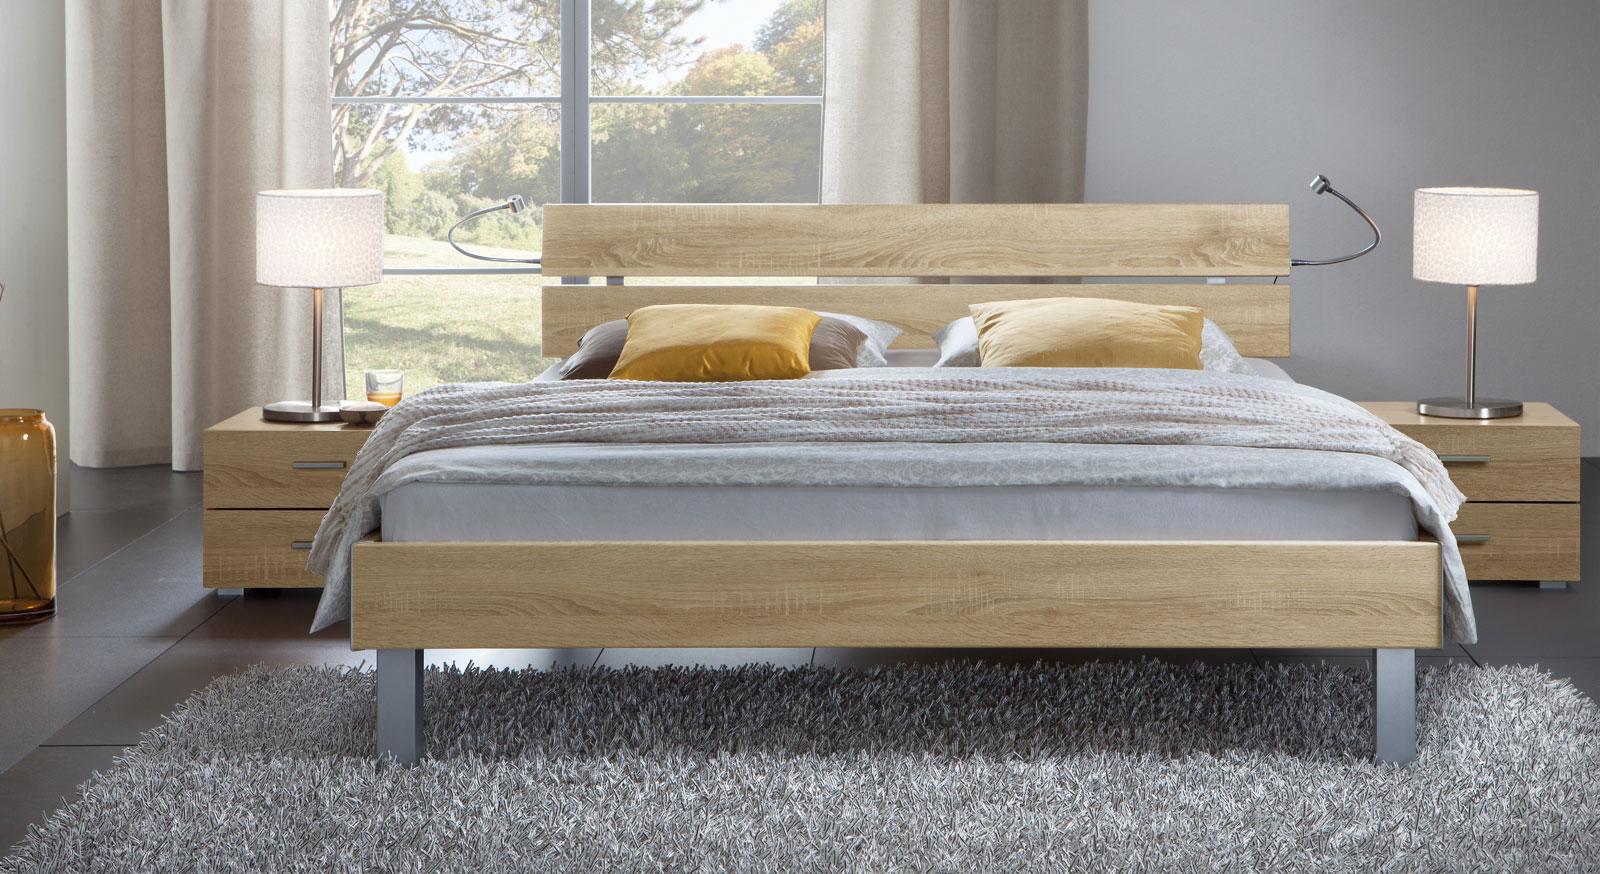 Betten Und Bettgestelle Im Test Und Vergleich 2019 Bettende